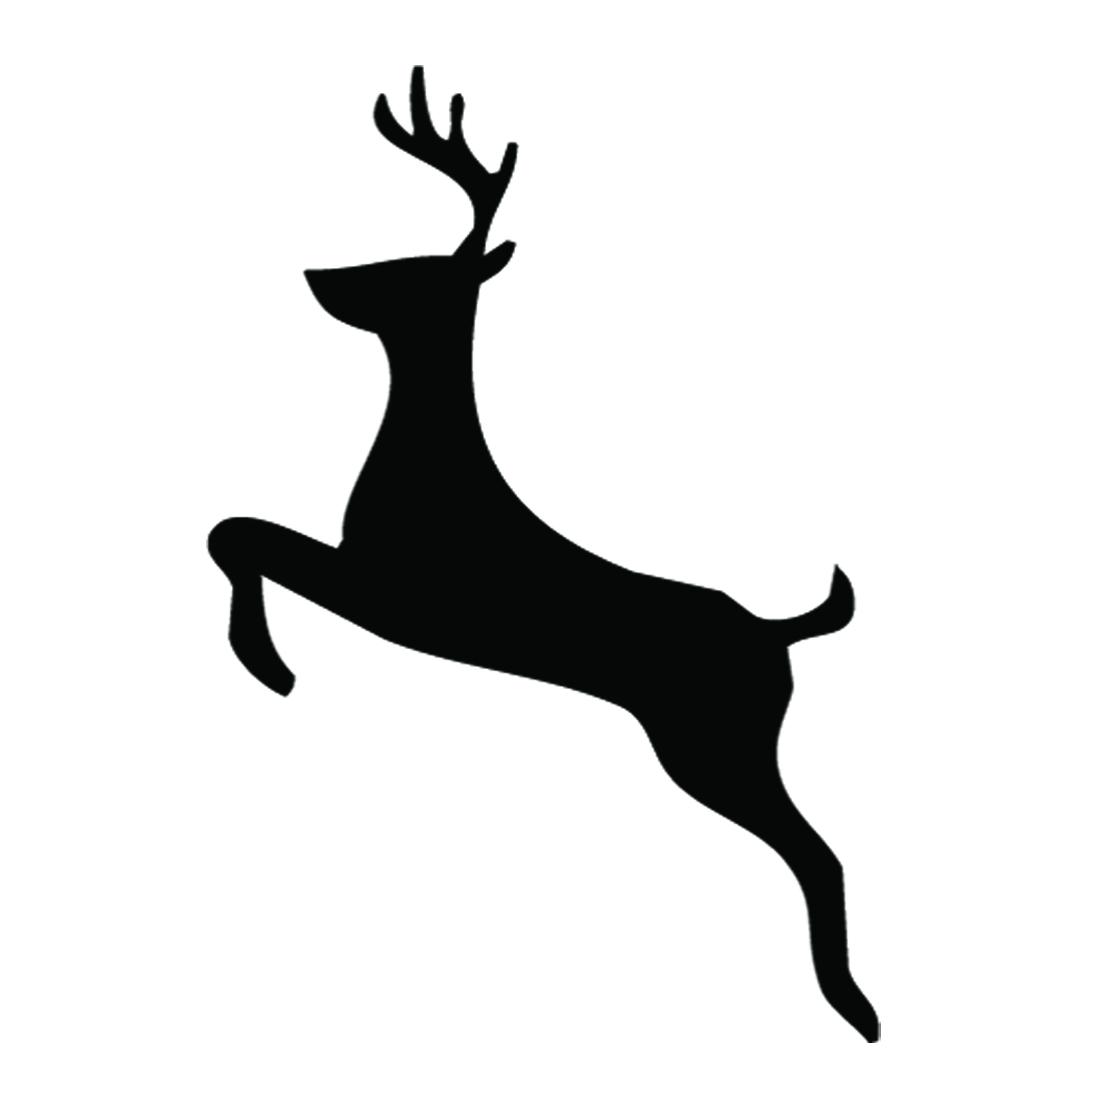 Reindeer Silhouette Stencil 02 Free Stencil Gallery